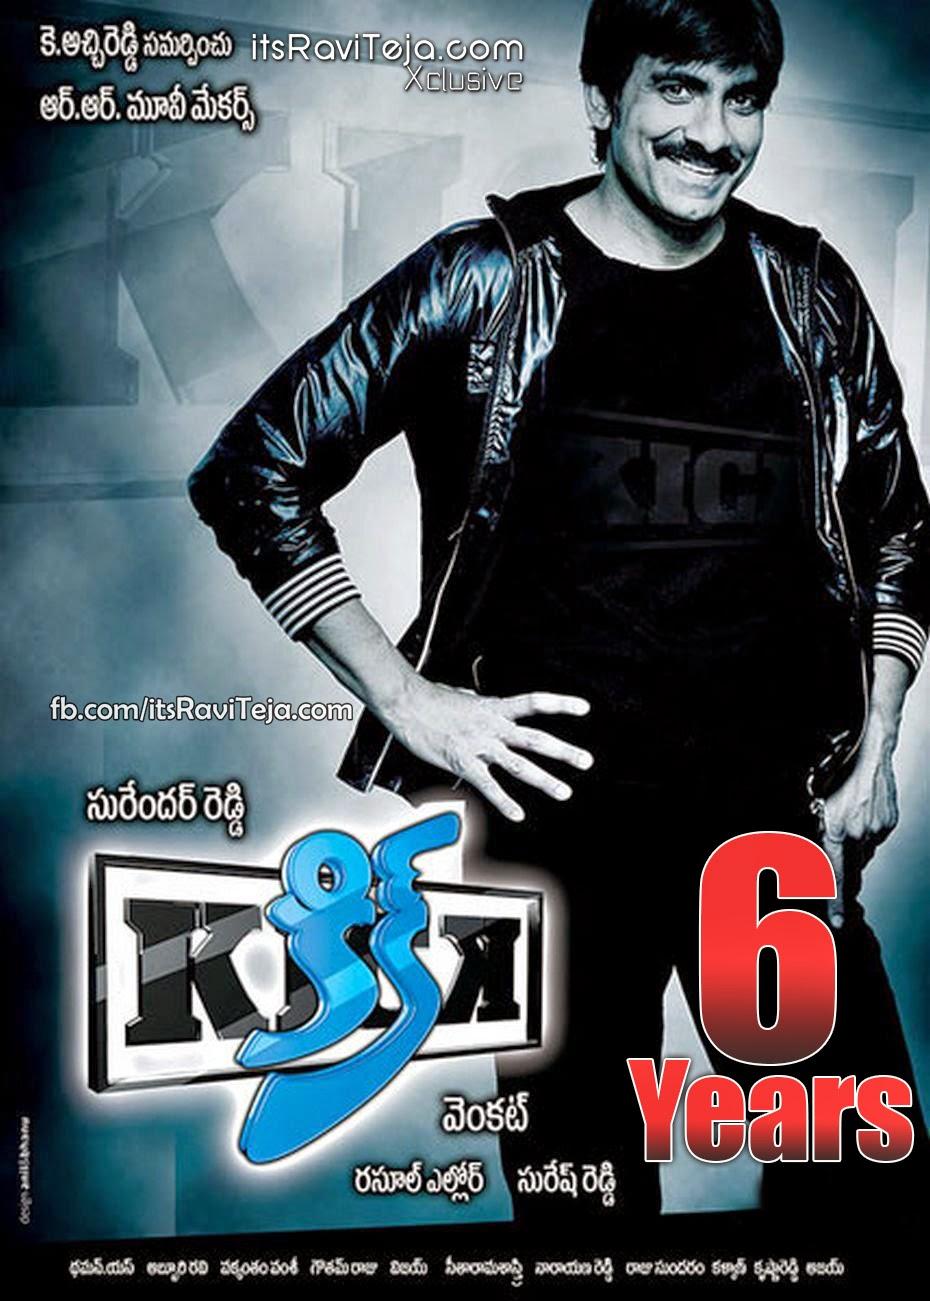 Ravi Teja's Kick Movie 6 Years Posters